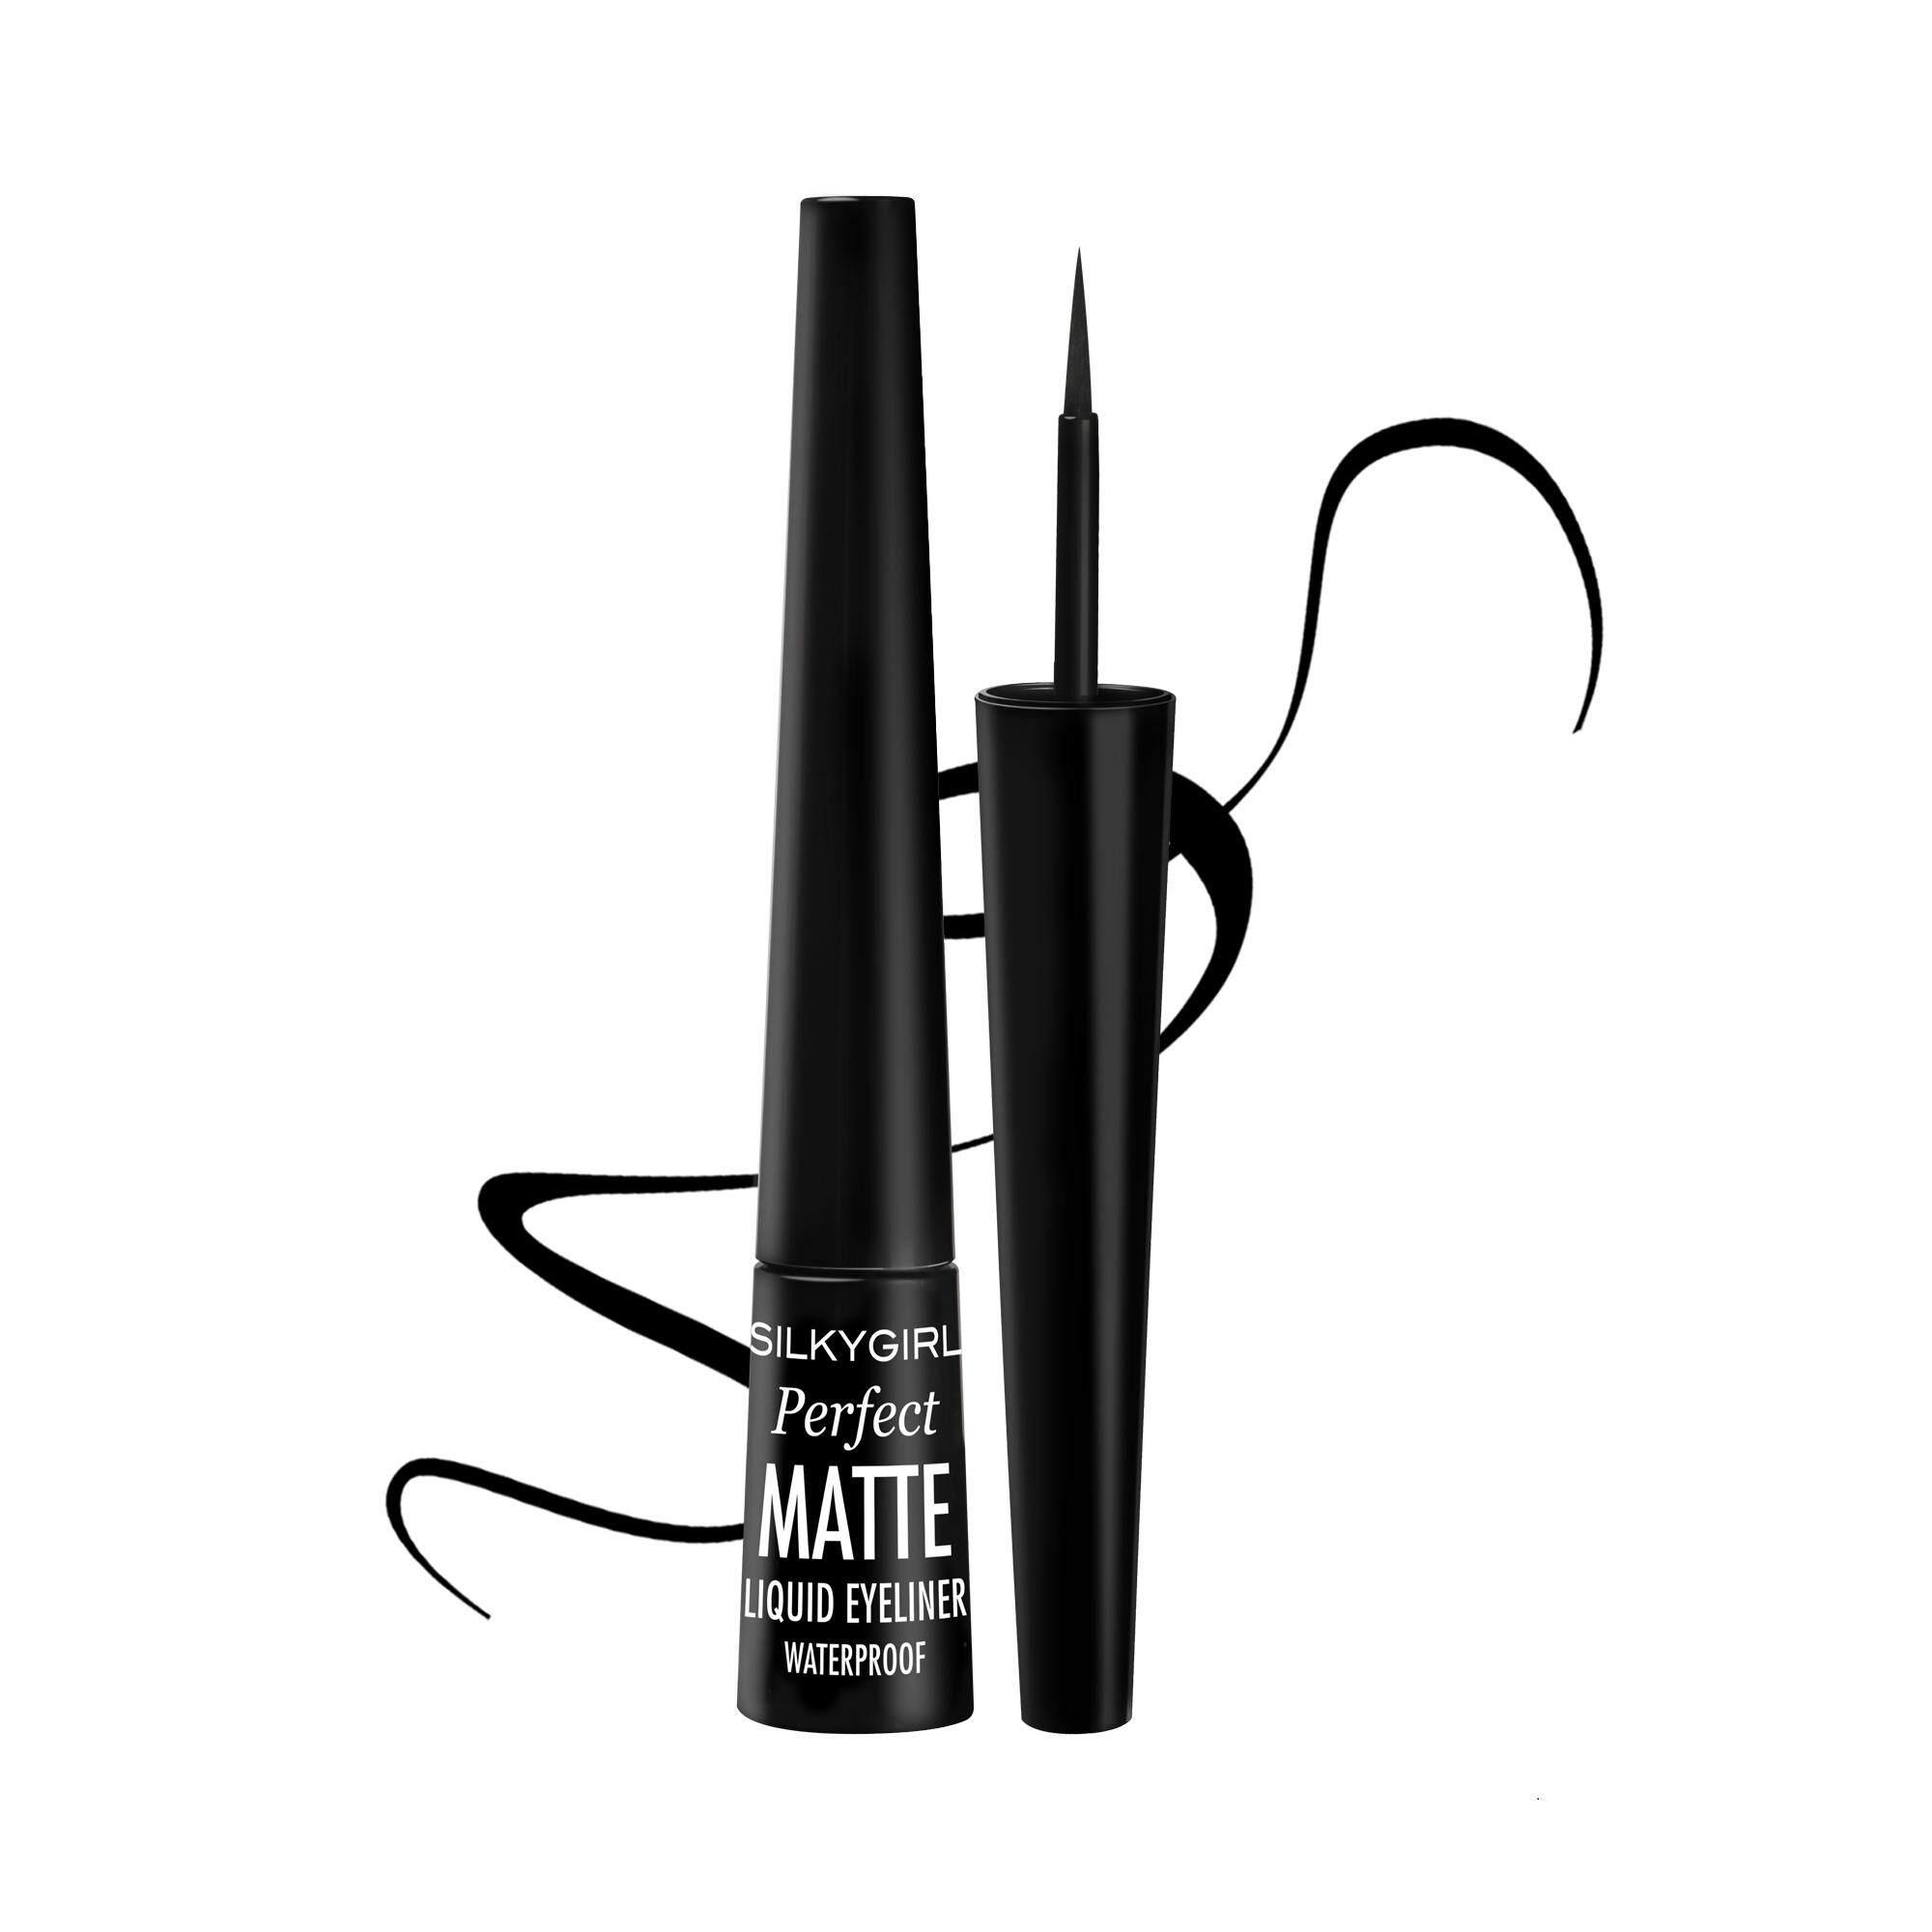 Eye Makeup Liners Kajal Buy Maybelline Hyper Ink Liquid Liner Silkygirl Perfect Matte Eyeliner Waterproof 25ml